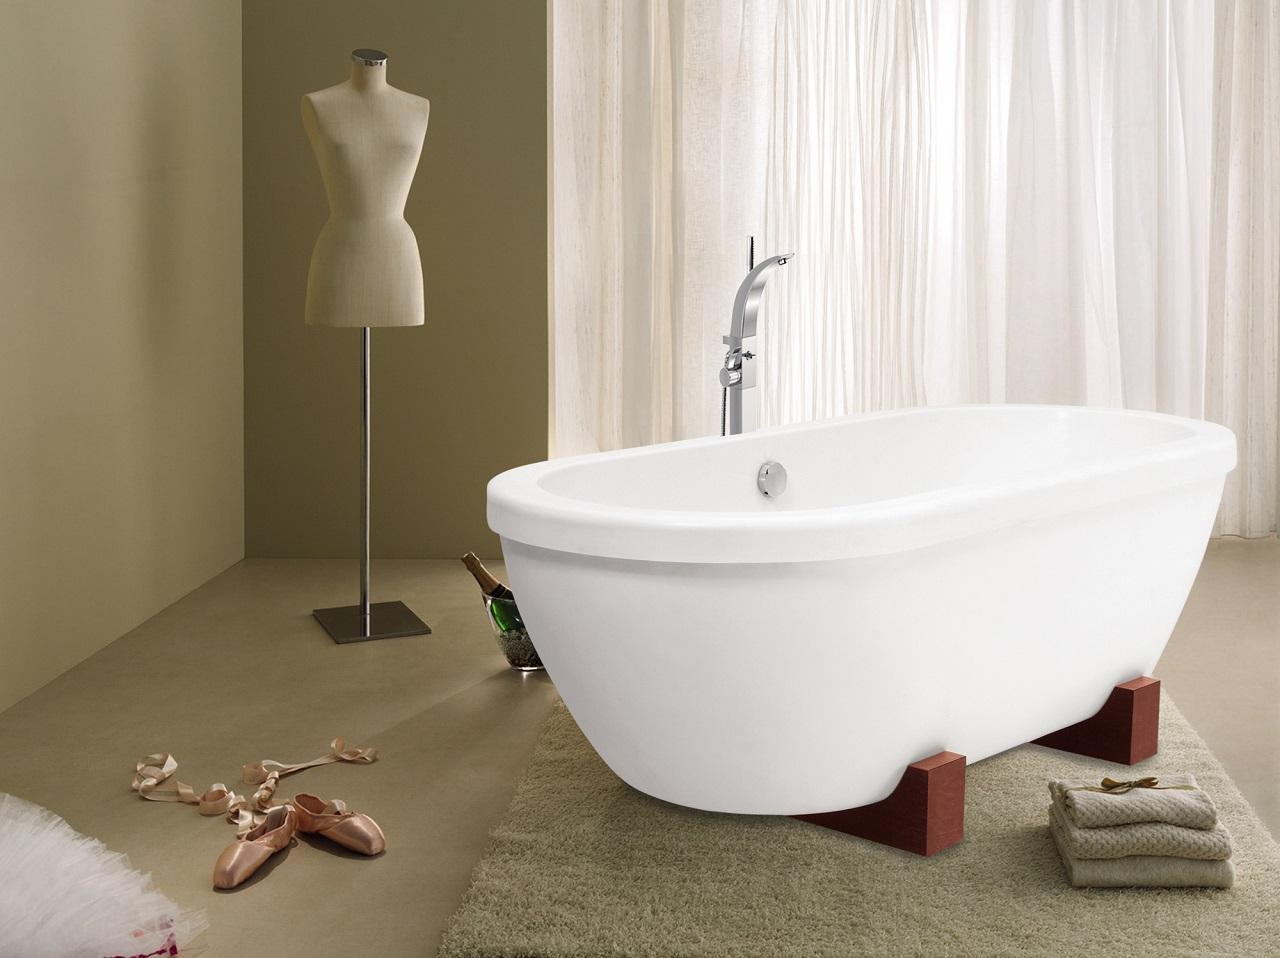 Vasca Da Bagno Freestanding Prezzi : Vasca da bagno freestanding opinioni ᐅ compra vasca da bagno